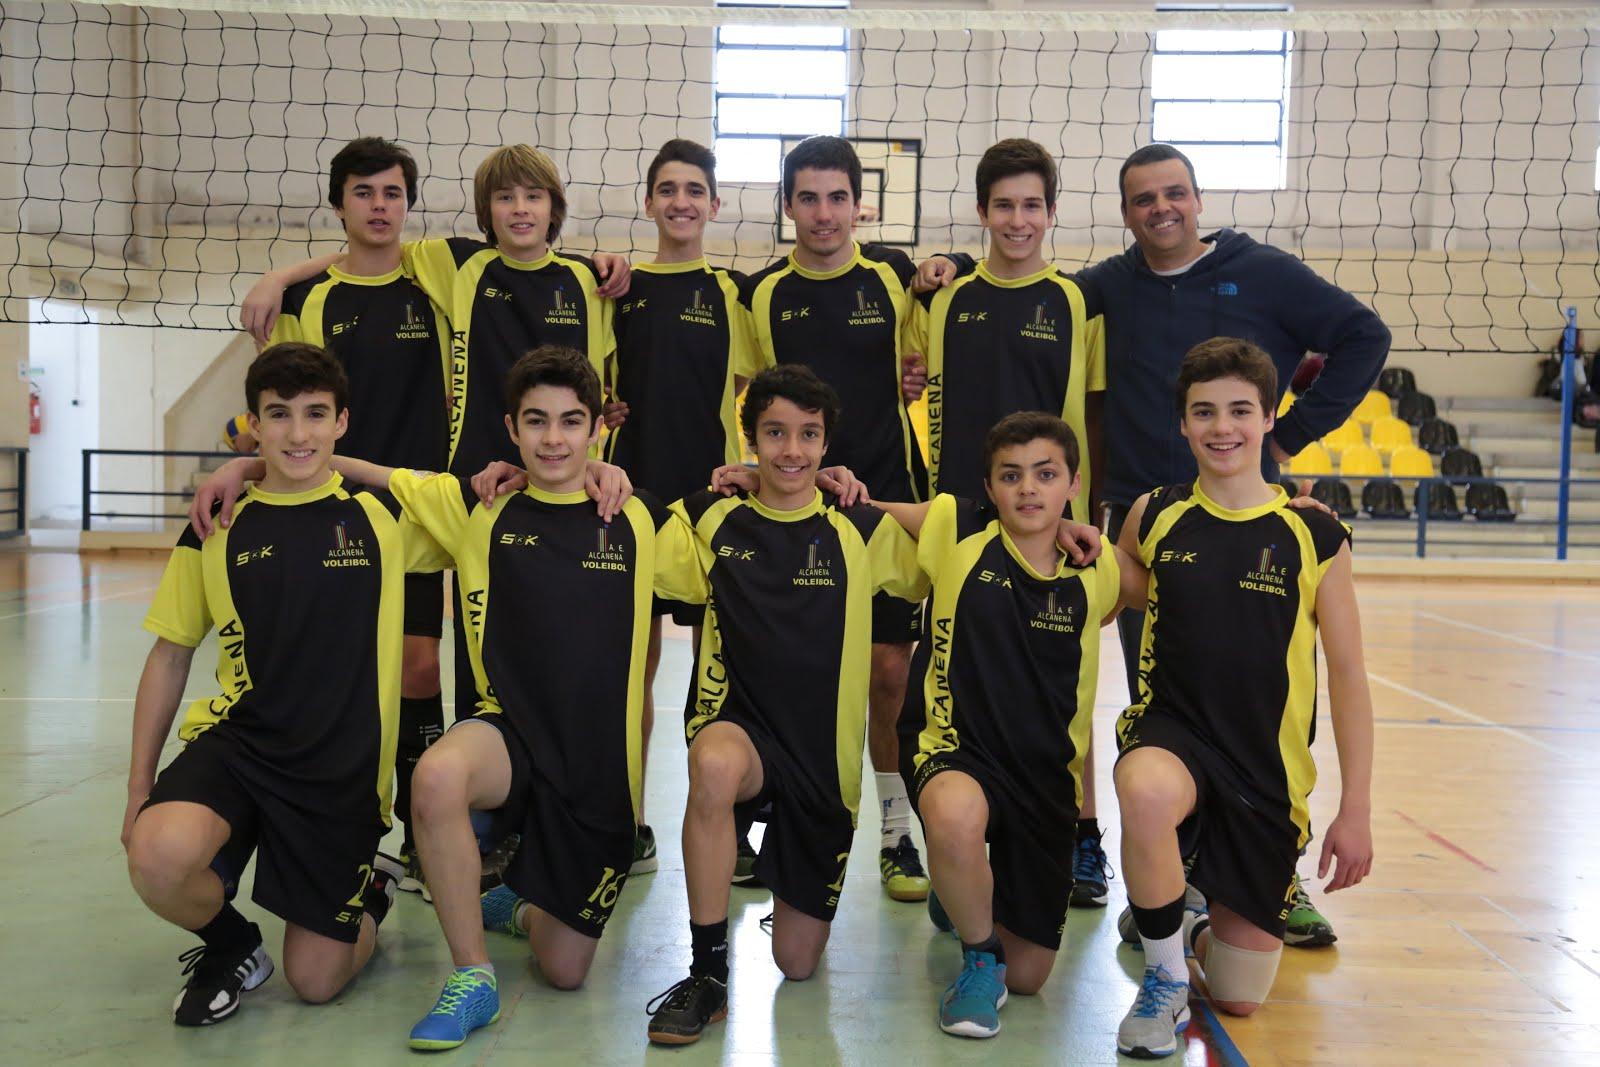 Equipa de Iniciados 2015/16